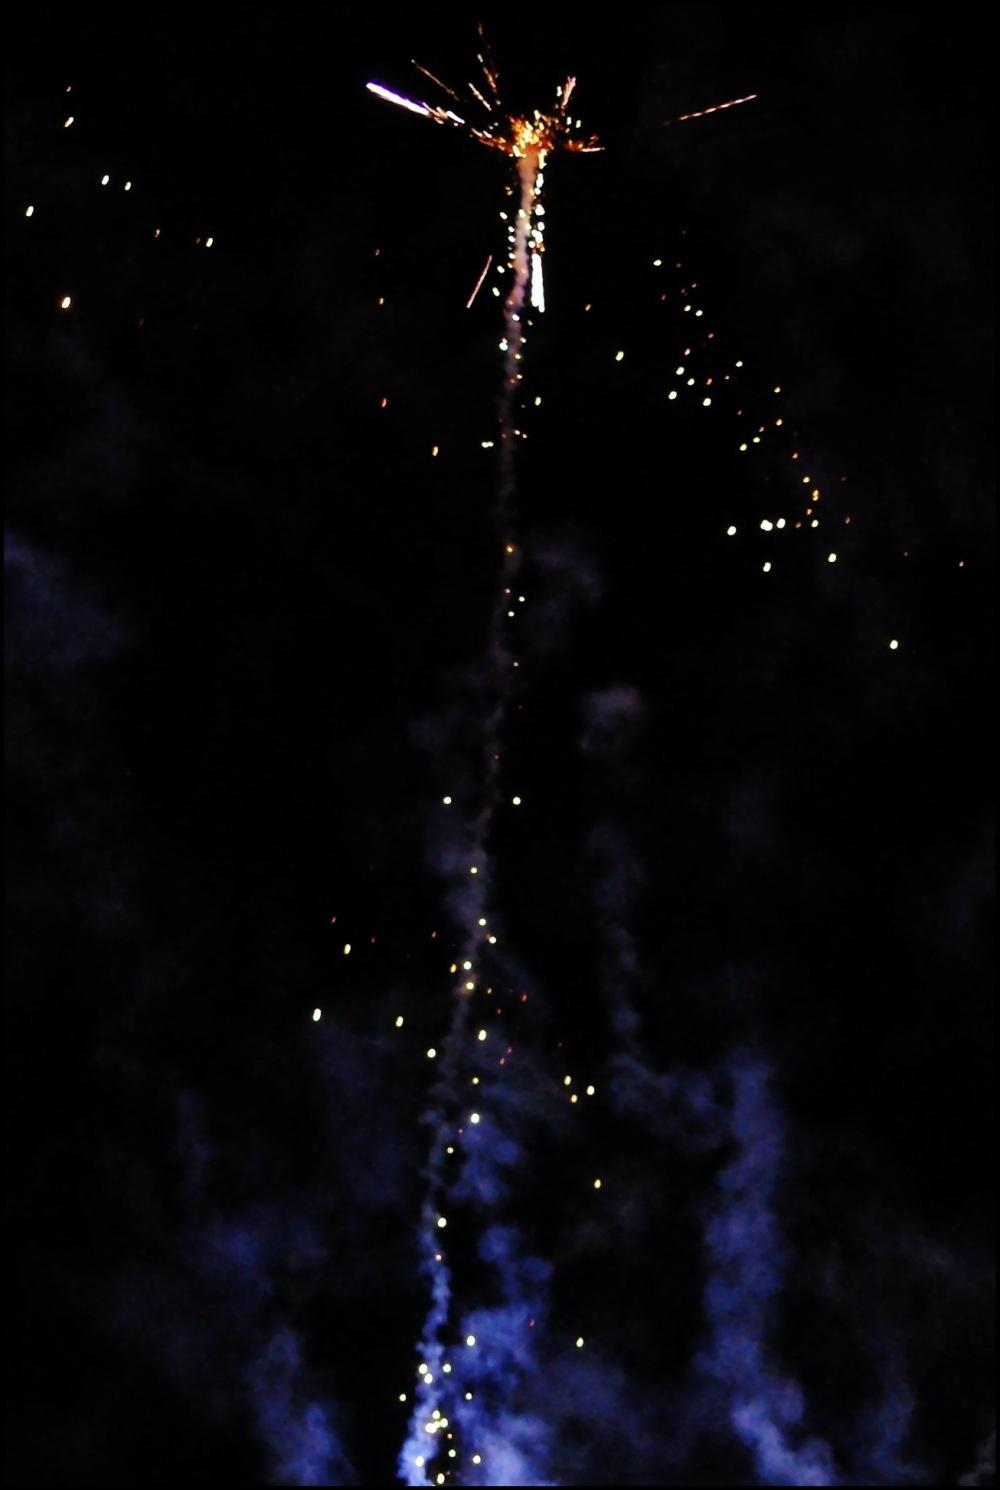 Détail feu d'artifice, une croix dans le ciel